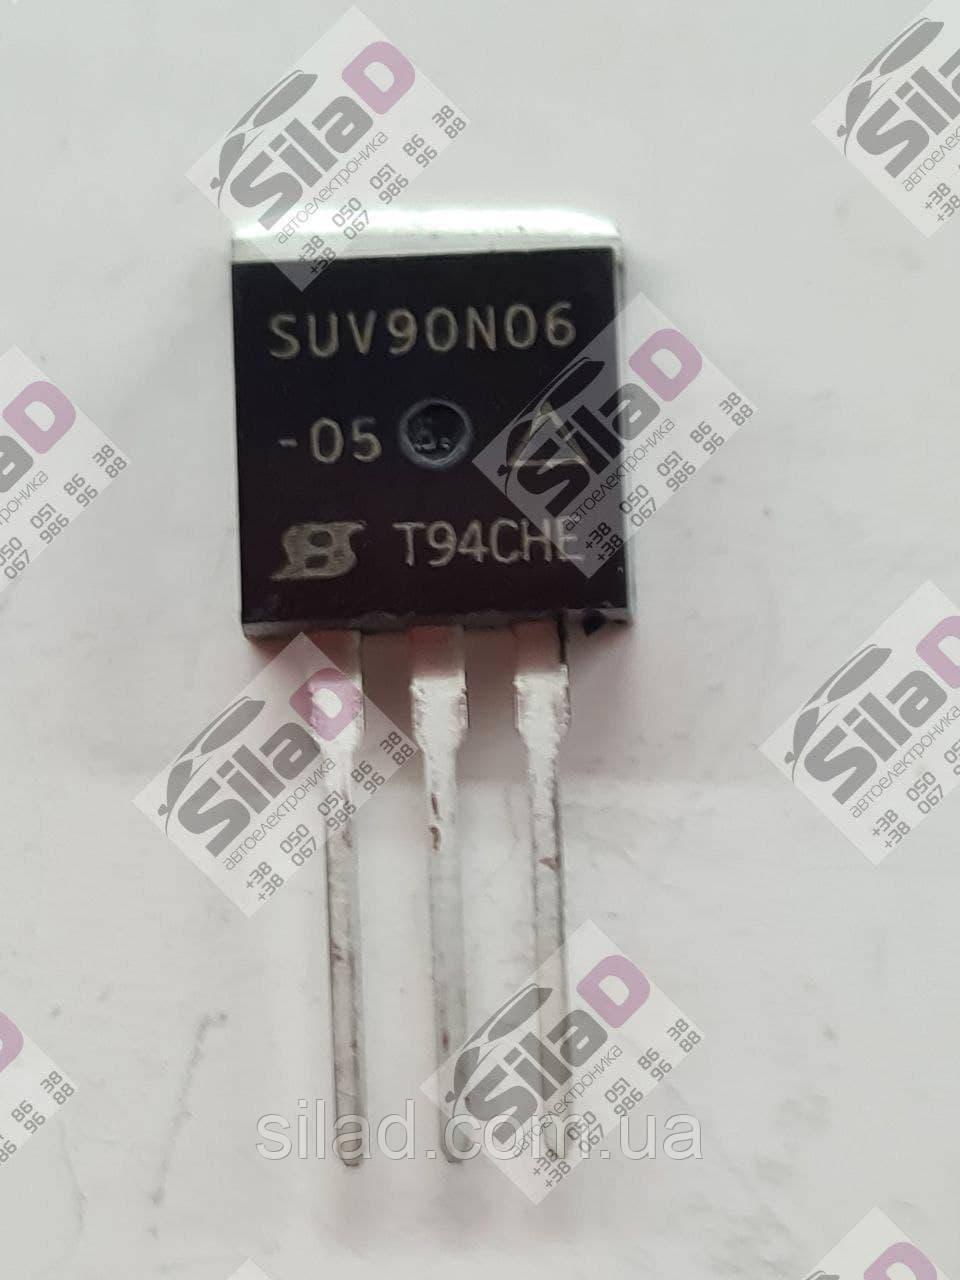 Транзистор SUV90N06-05 Vishay Intertechnology корпус TO-262